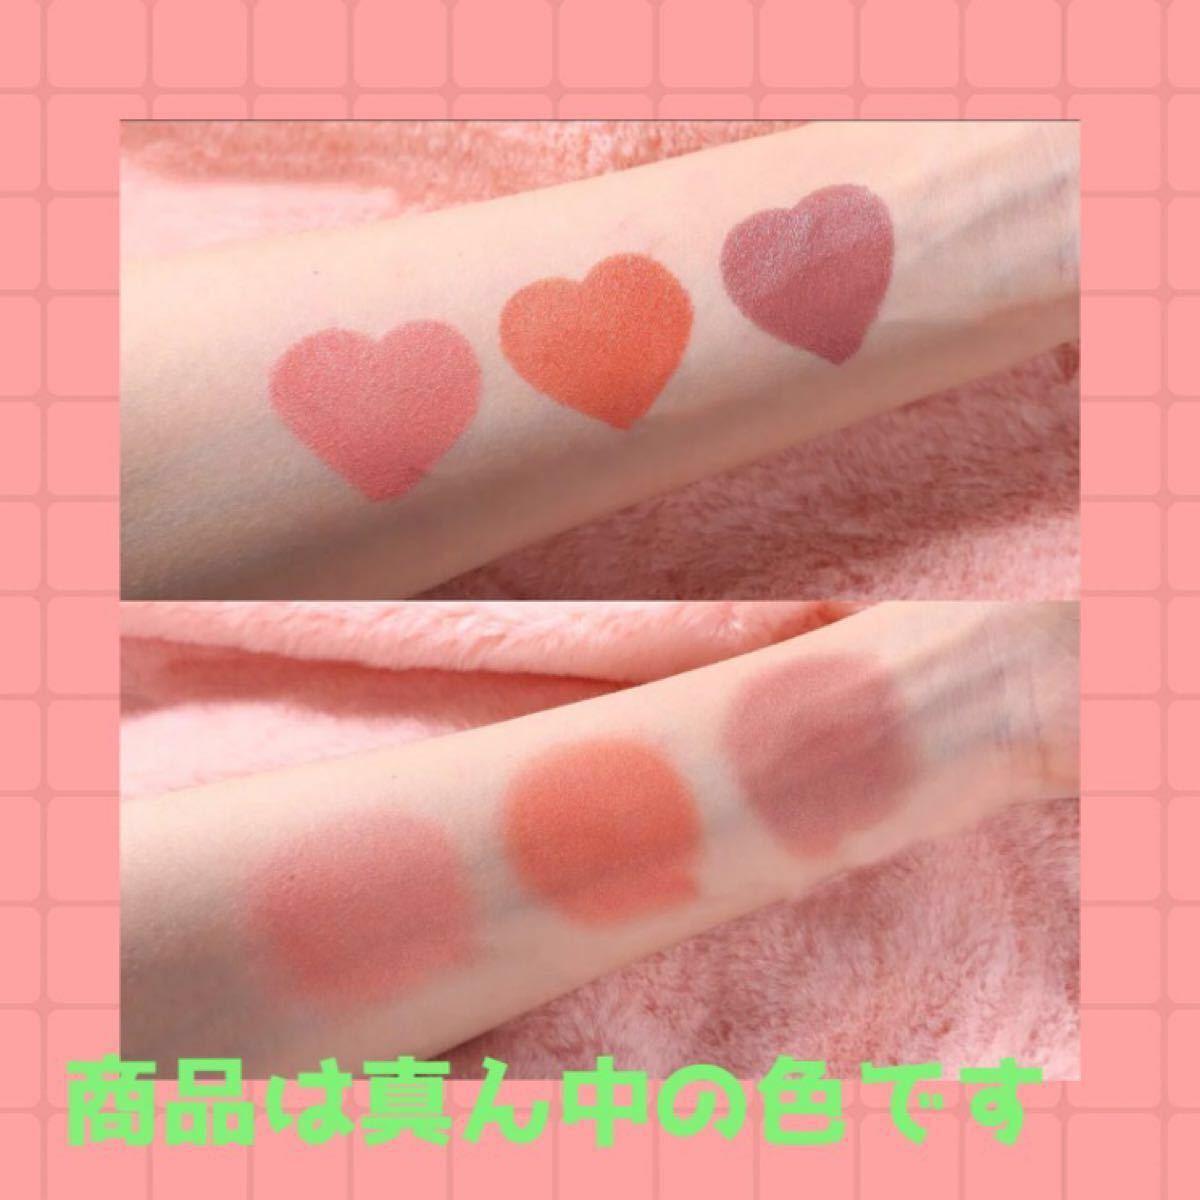 チーク アイシャドウ リップ コスメ 3in1 リキッド ハート オレンジピンク コスメ用品 韓国コスメ メイク